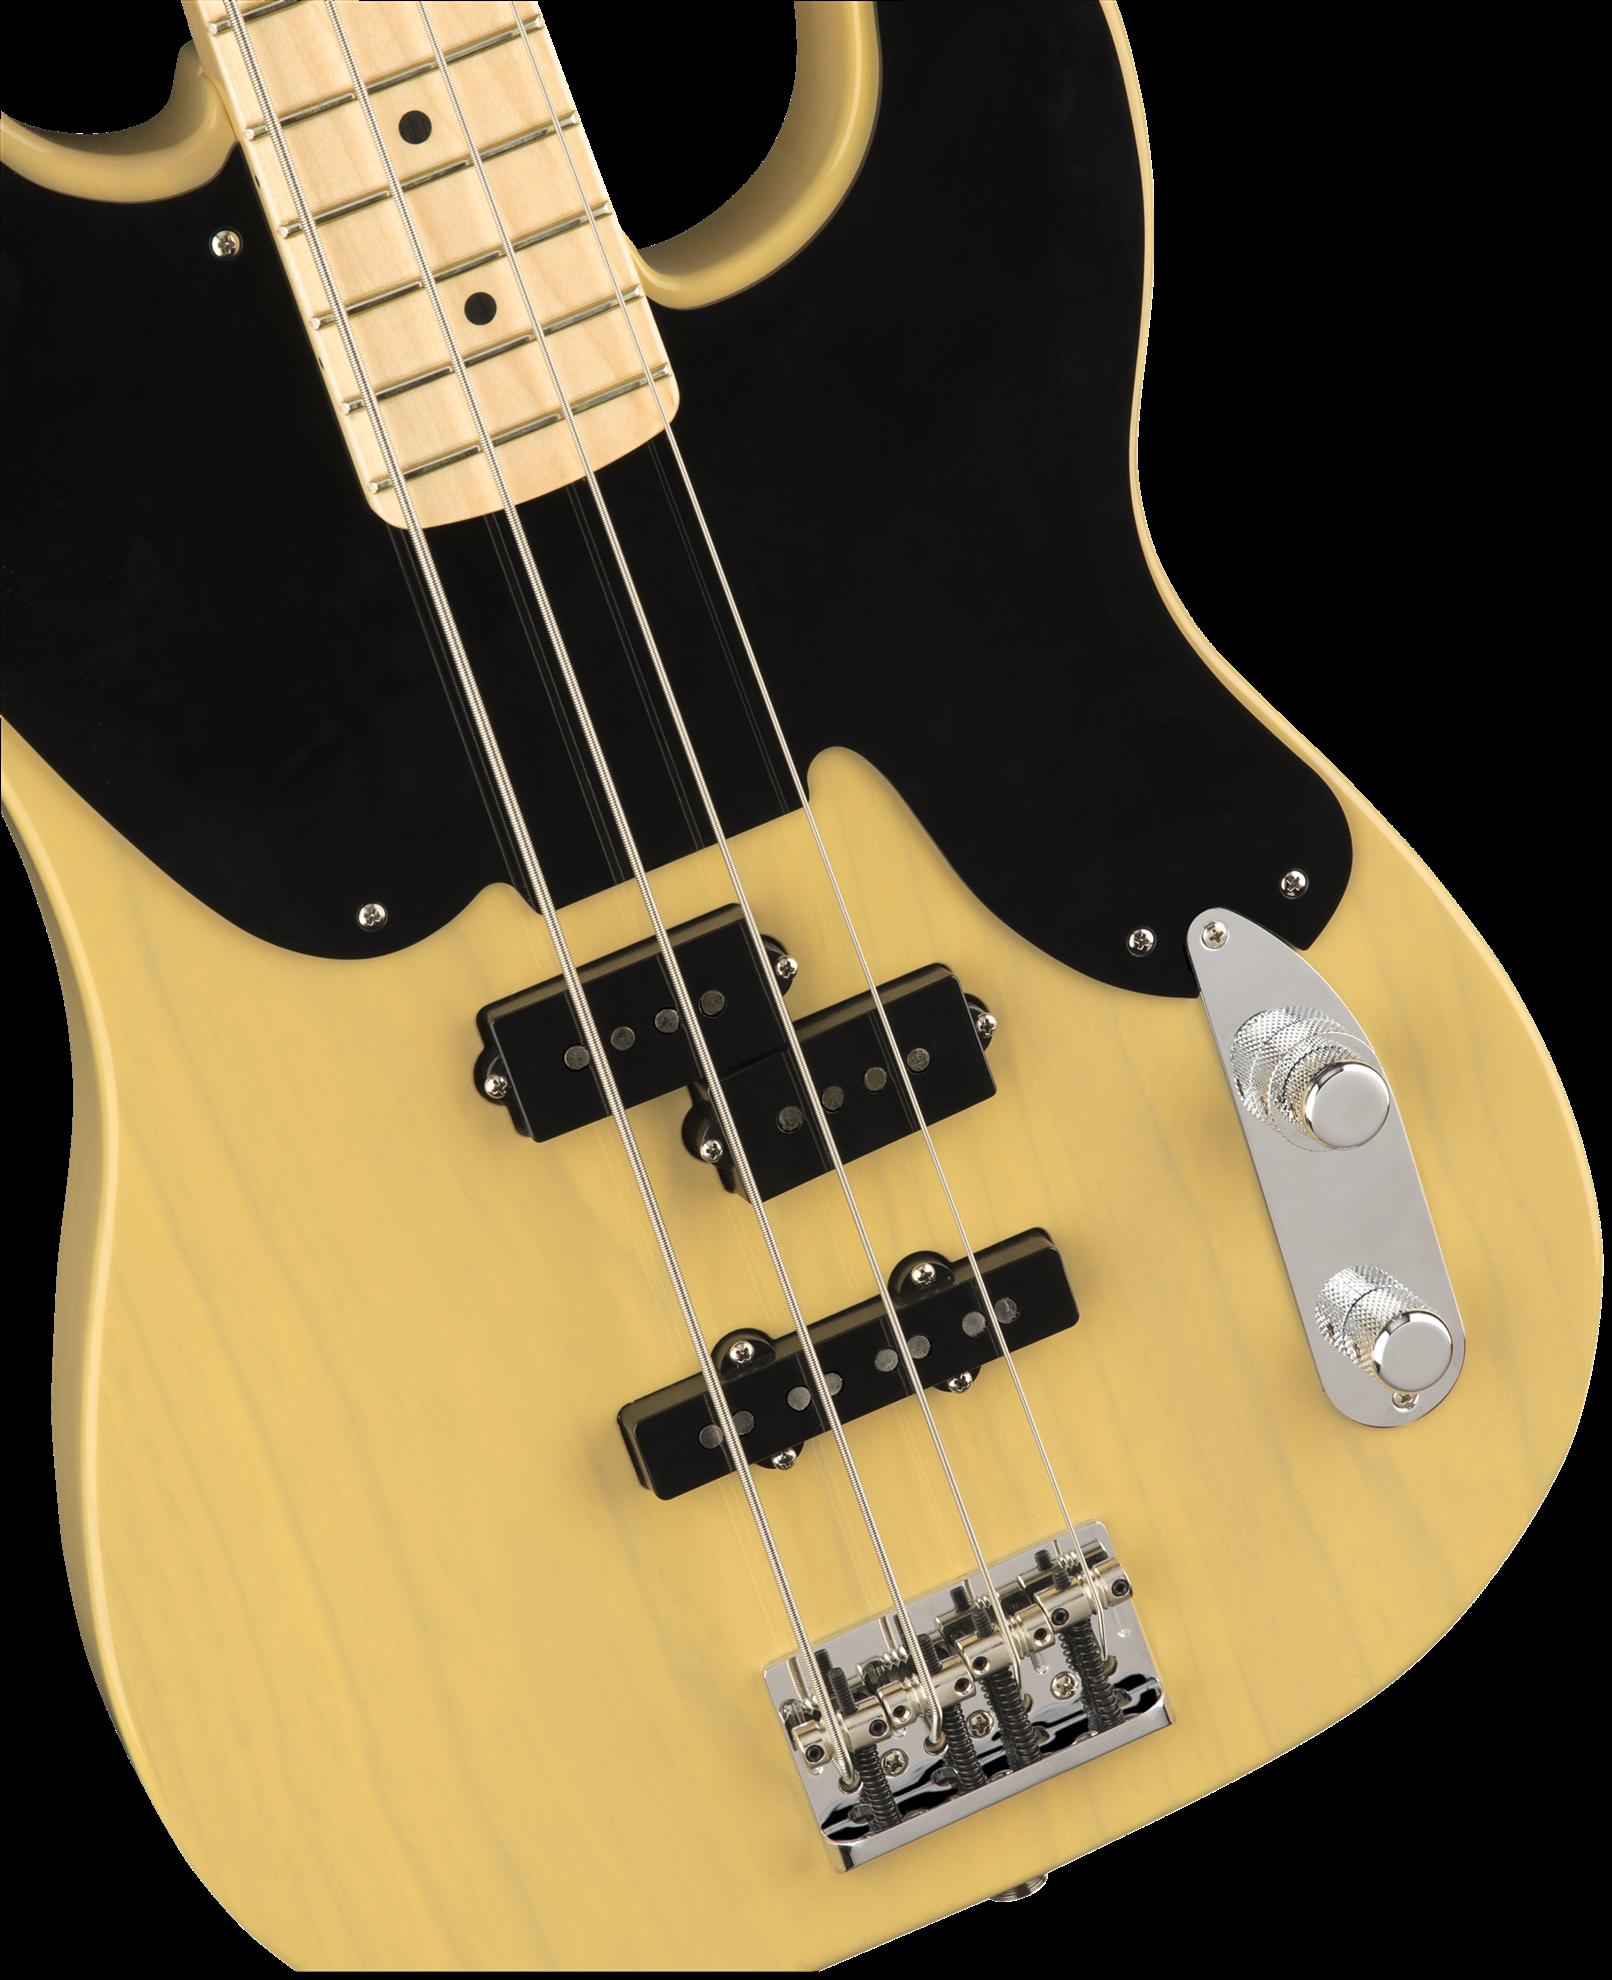 fender parallel universe 51 telecaster pj bass guitar maple neck blackguard blonde perth. Black Bedroom Furniture Sets. Home Design Ideas